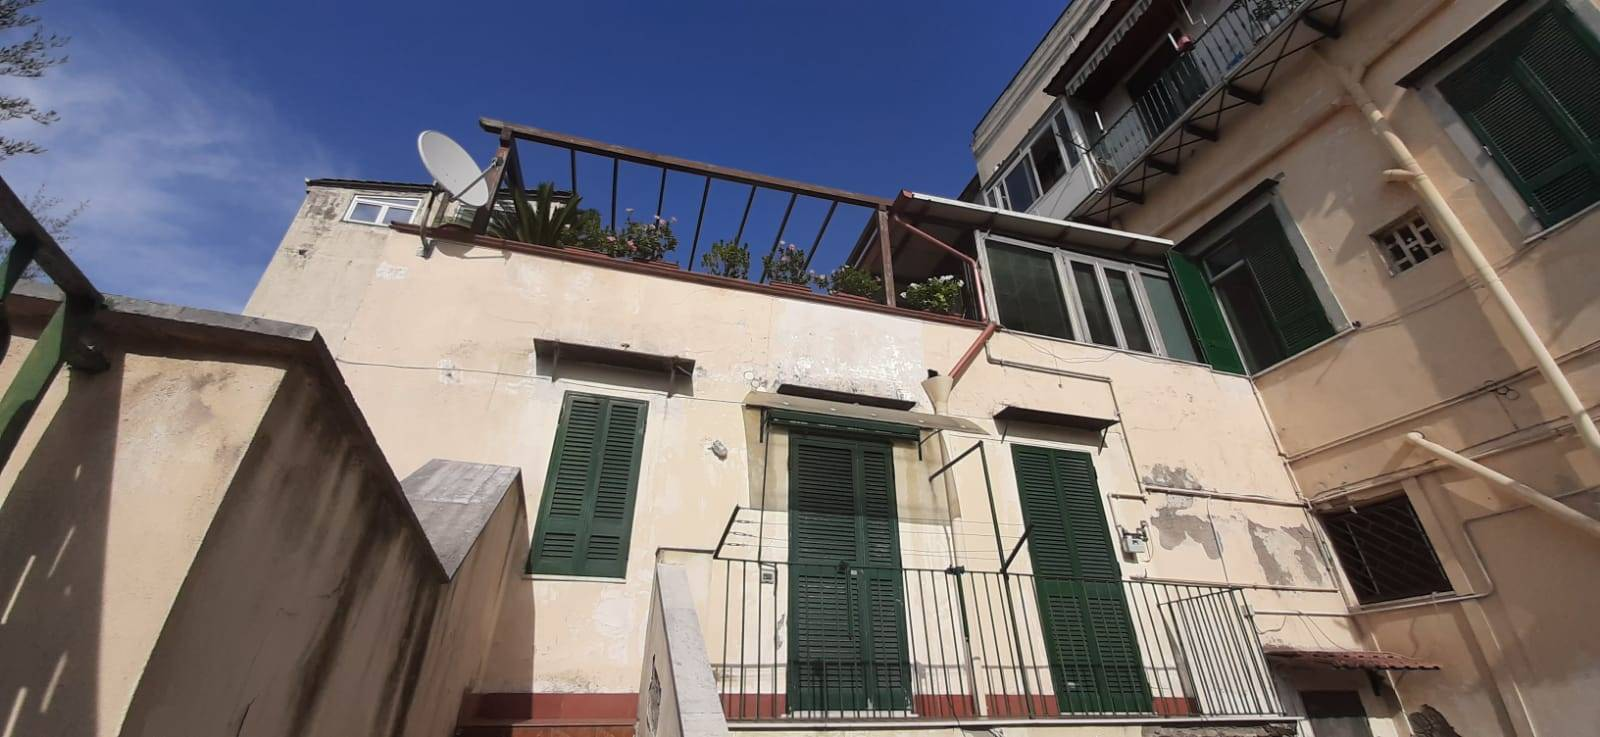 Appartamento indipendente a SAN GIORGIO A CREMANO